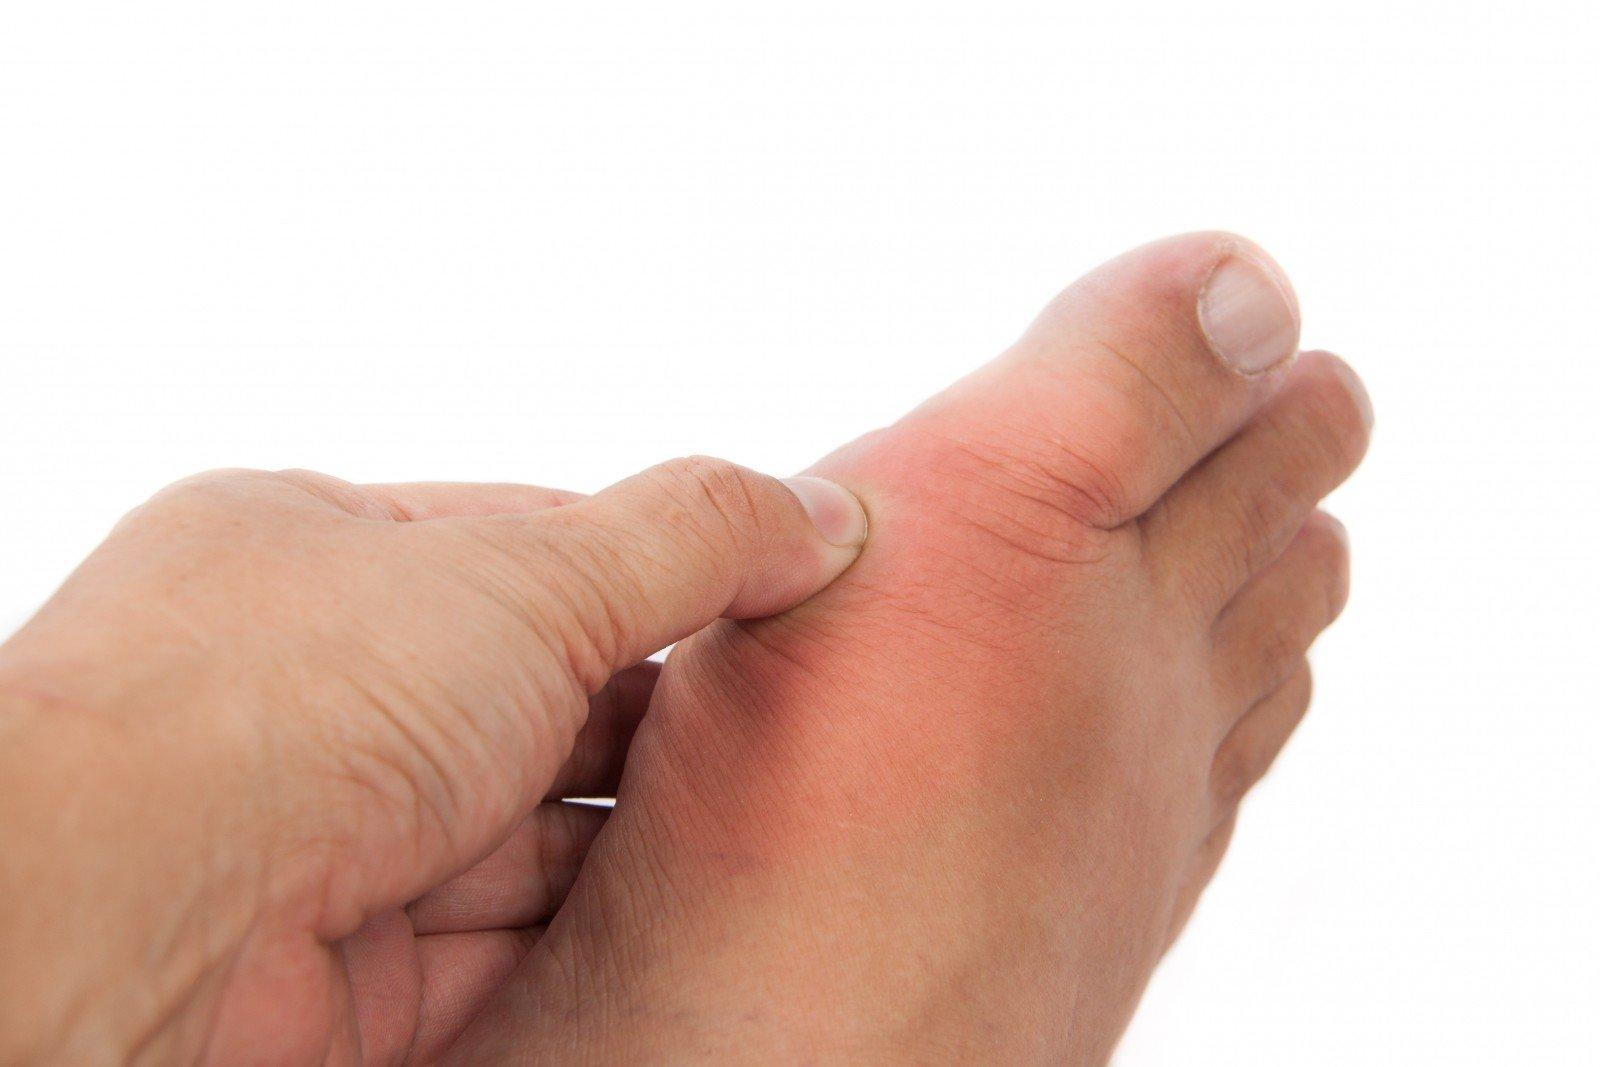 reumatoidinio artrito kraujo tyrimas lieknėjimo sąnarių skausmą